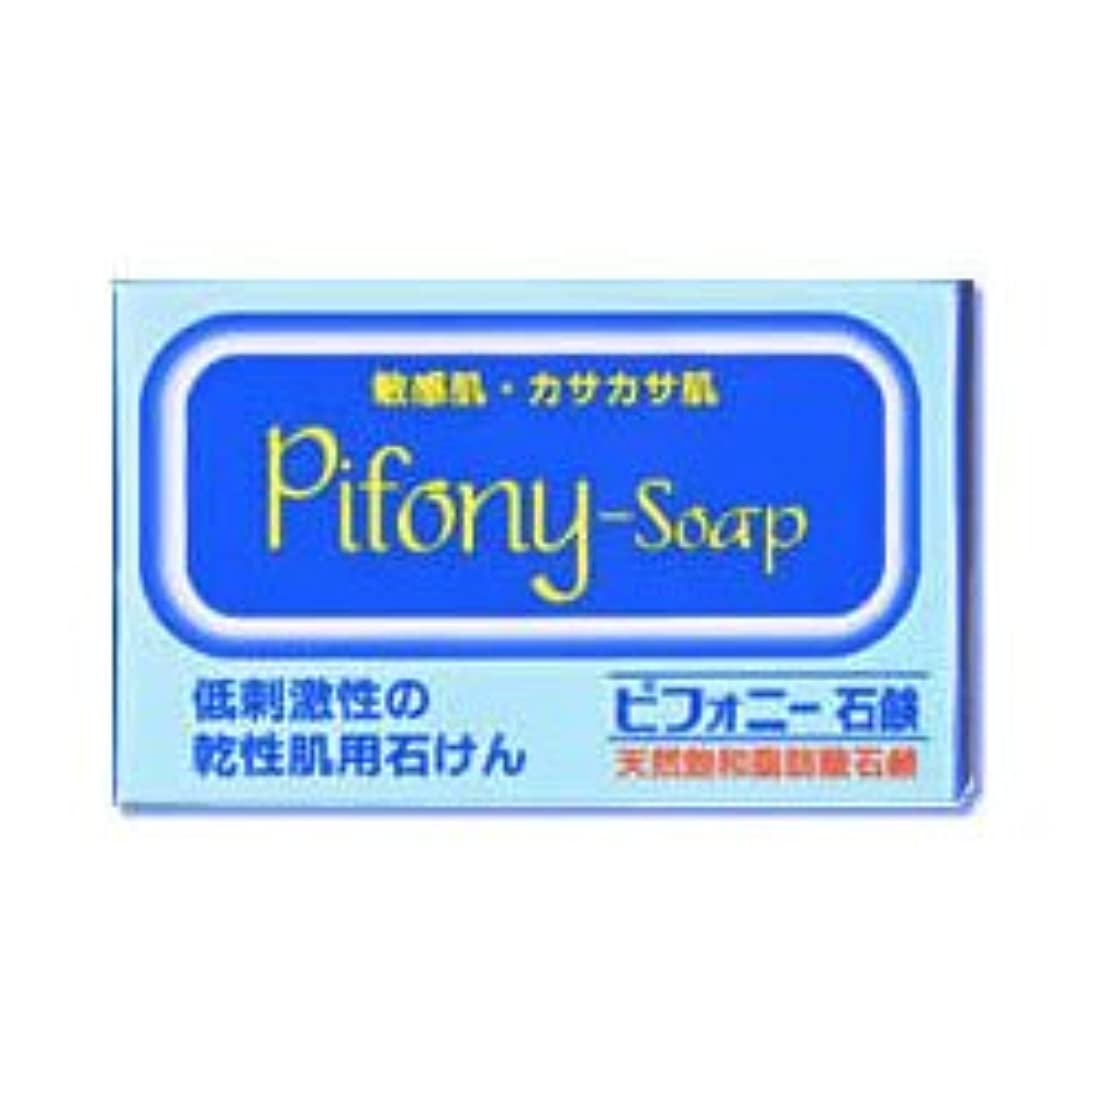 一貫性のない退屈肉【ノーエチ薬品】ピフォニー石鹸 100g ×3個セット